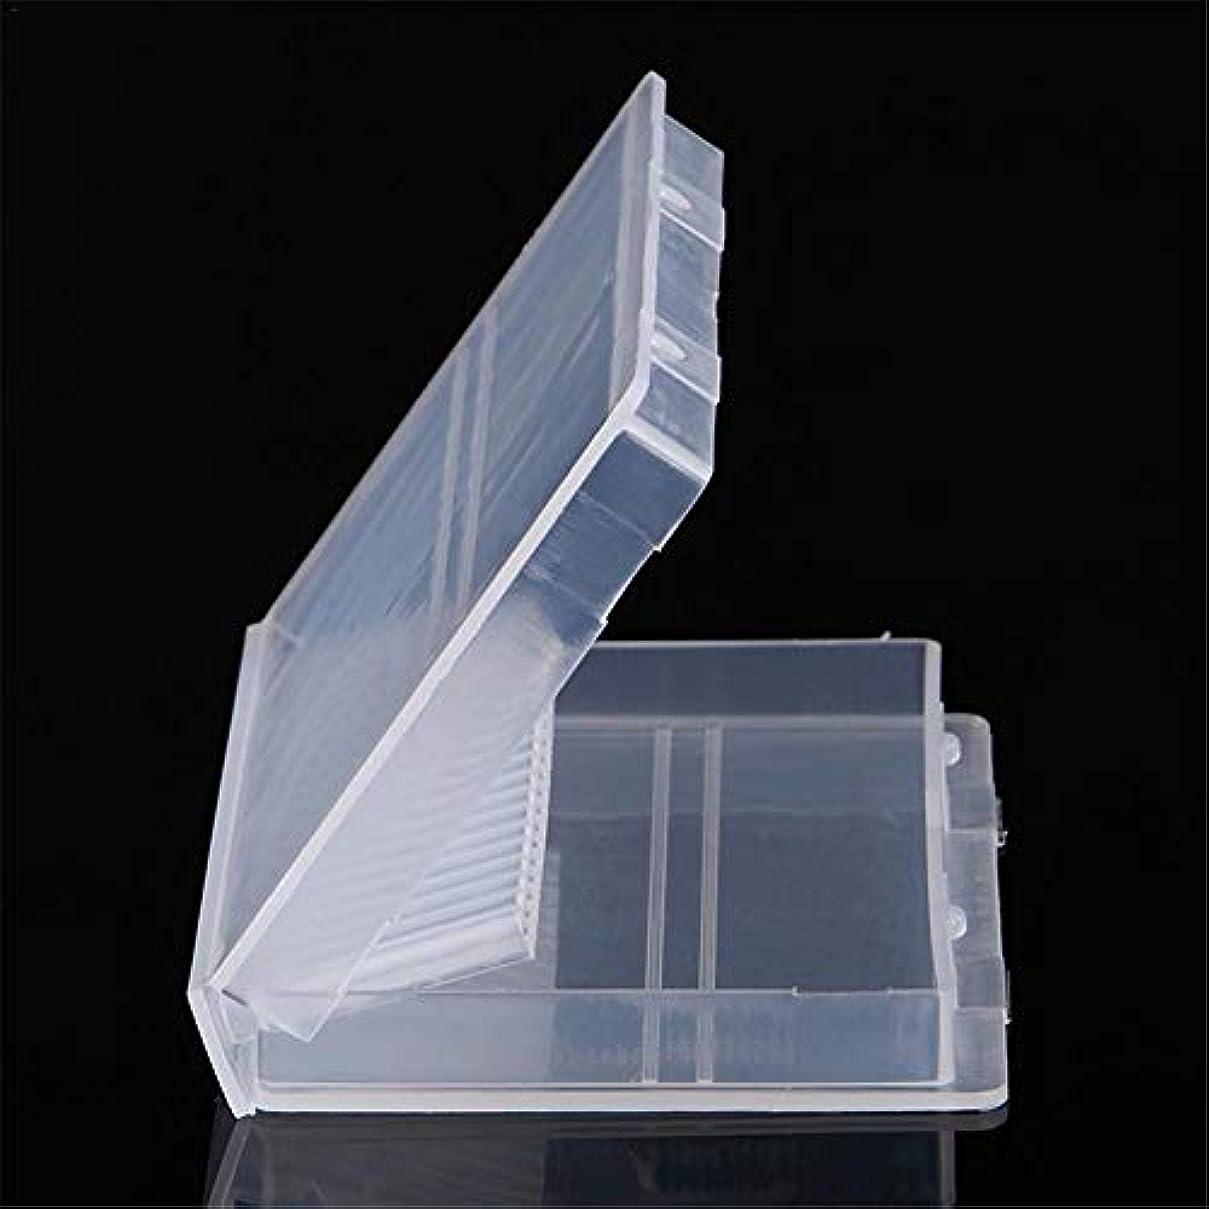 出席首パワーRuier-tong ネイルドリル 収納ケース ネイルビッドセット 研削ネイル用 透明 プラスチック 20穴 ネイル研削ヘッド収納ボックス